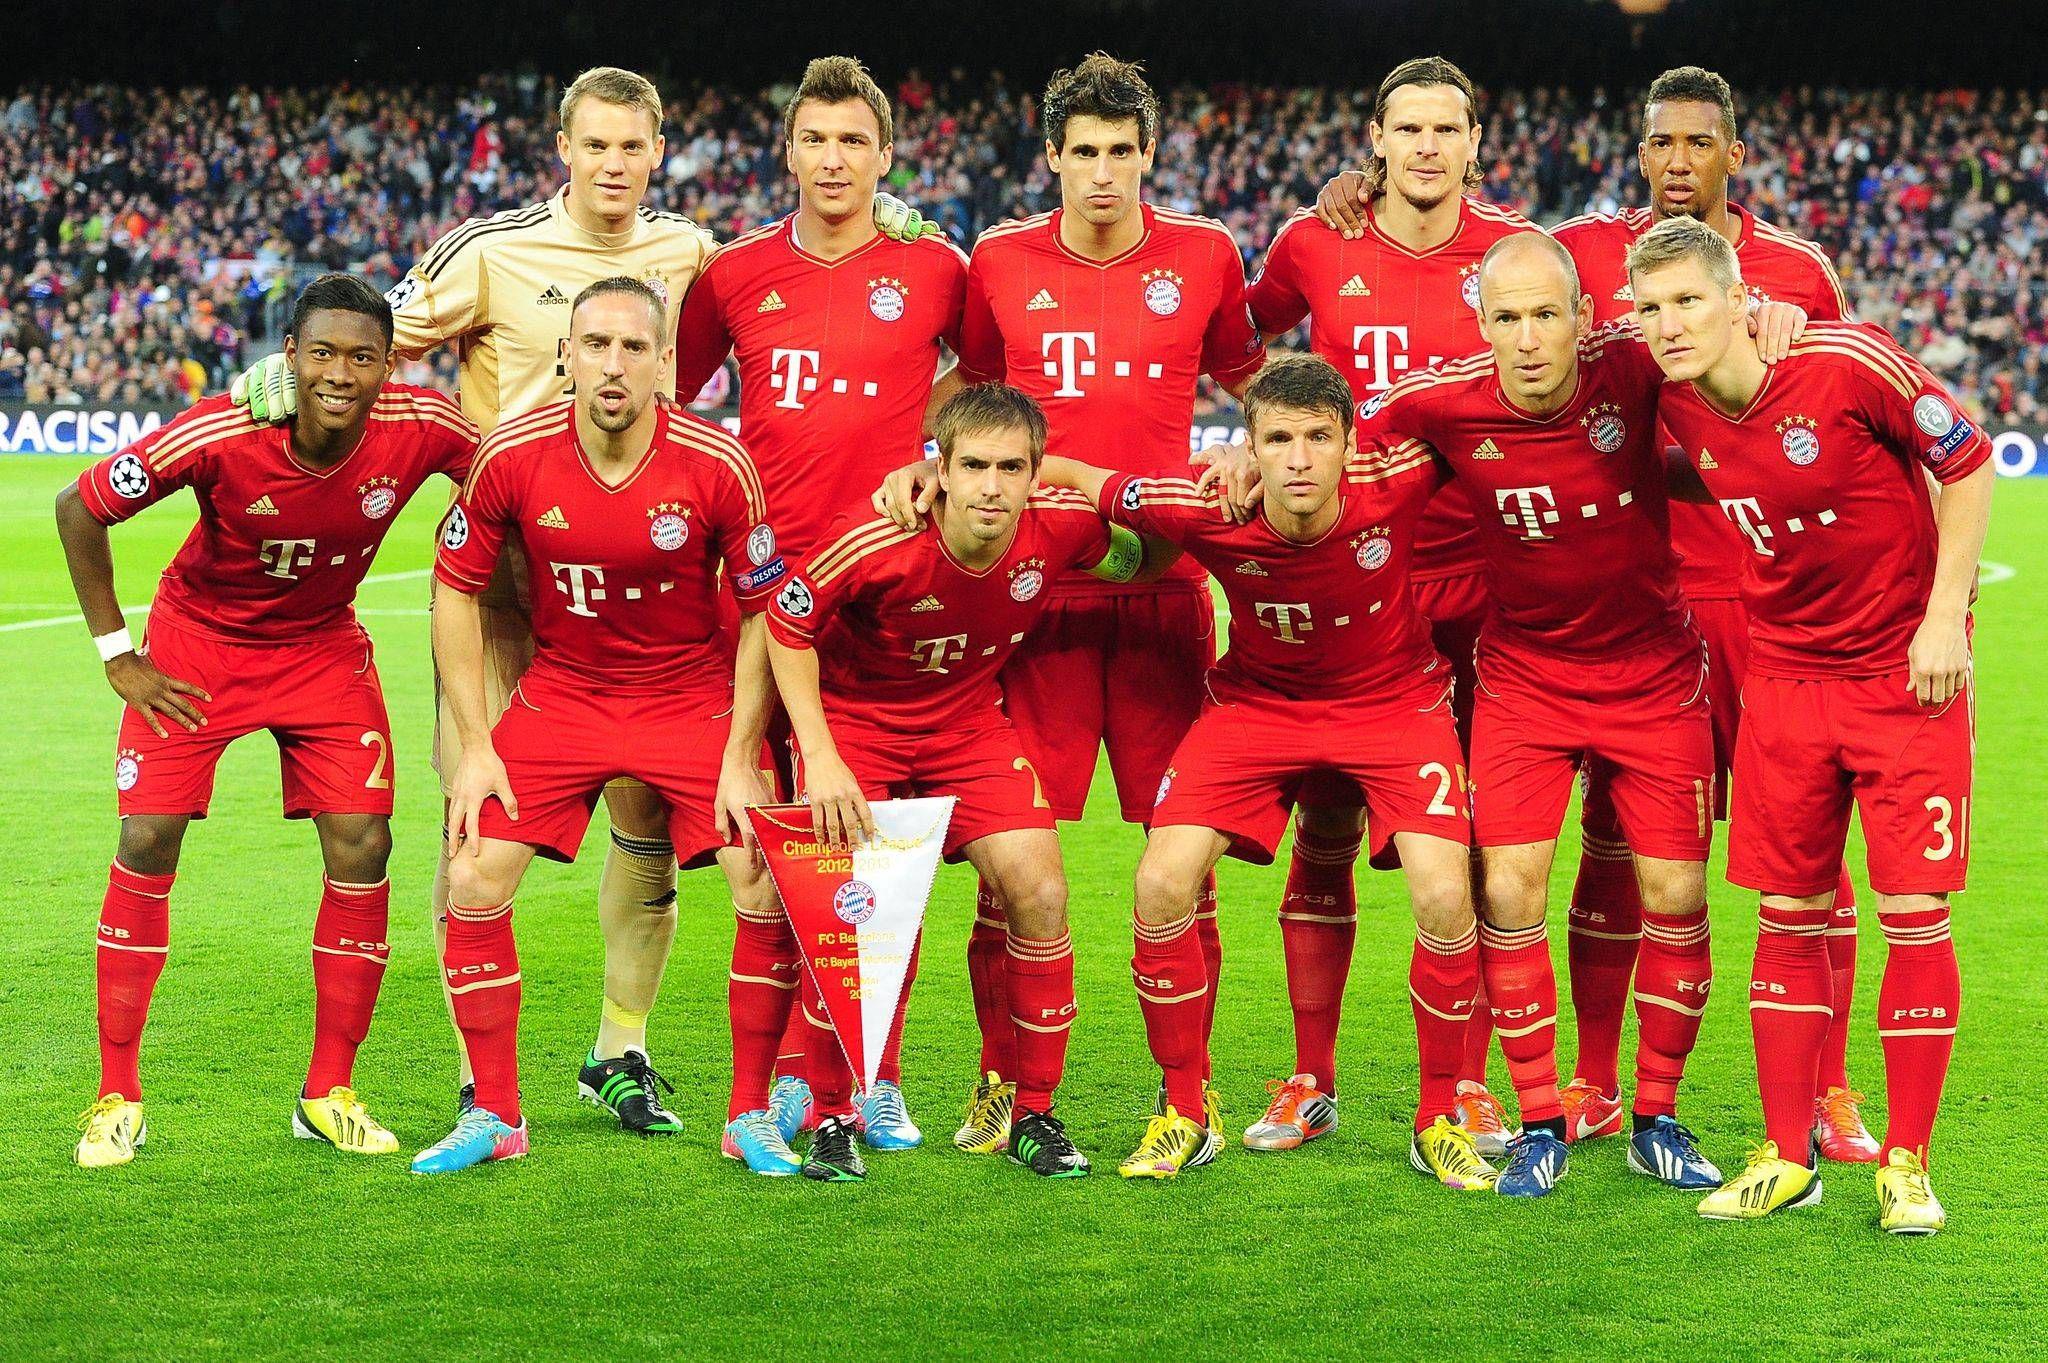 Bayern Munich Vs Barcelona Match Preview 12th May Ucl Semifinal Bayern Bayern Munich Champions League Semi Finals